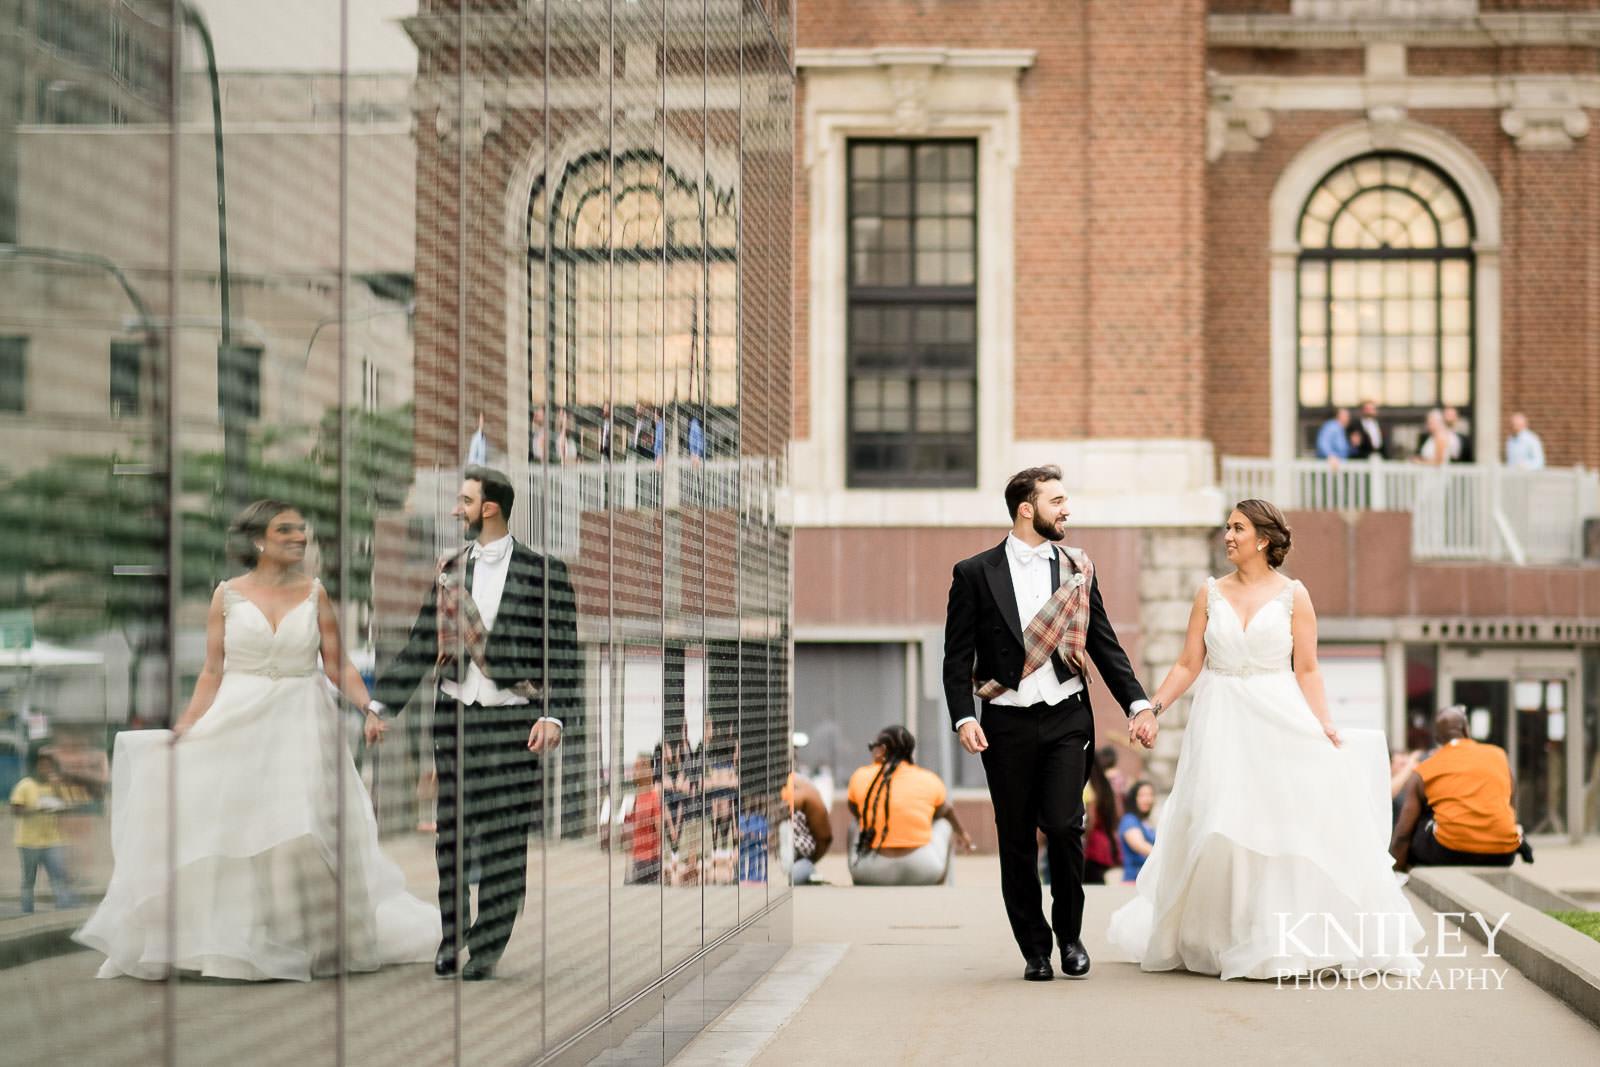 49-Statler-City-Buffalo-NY-Wedding-Photography.jpg